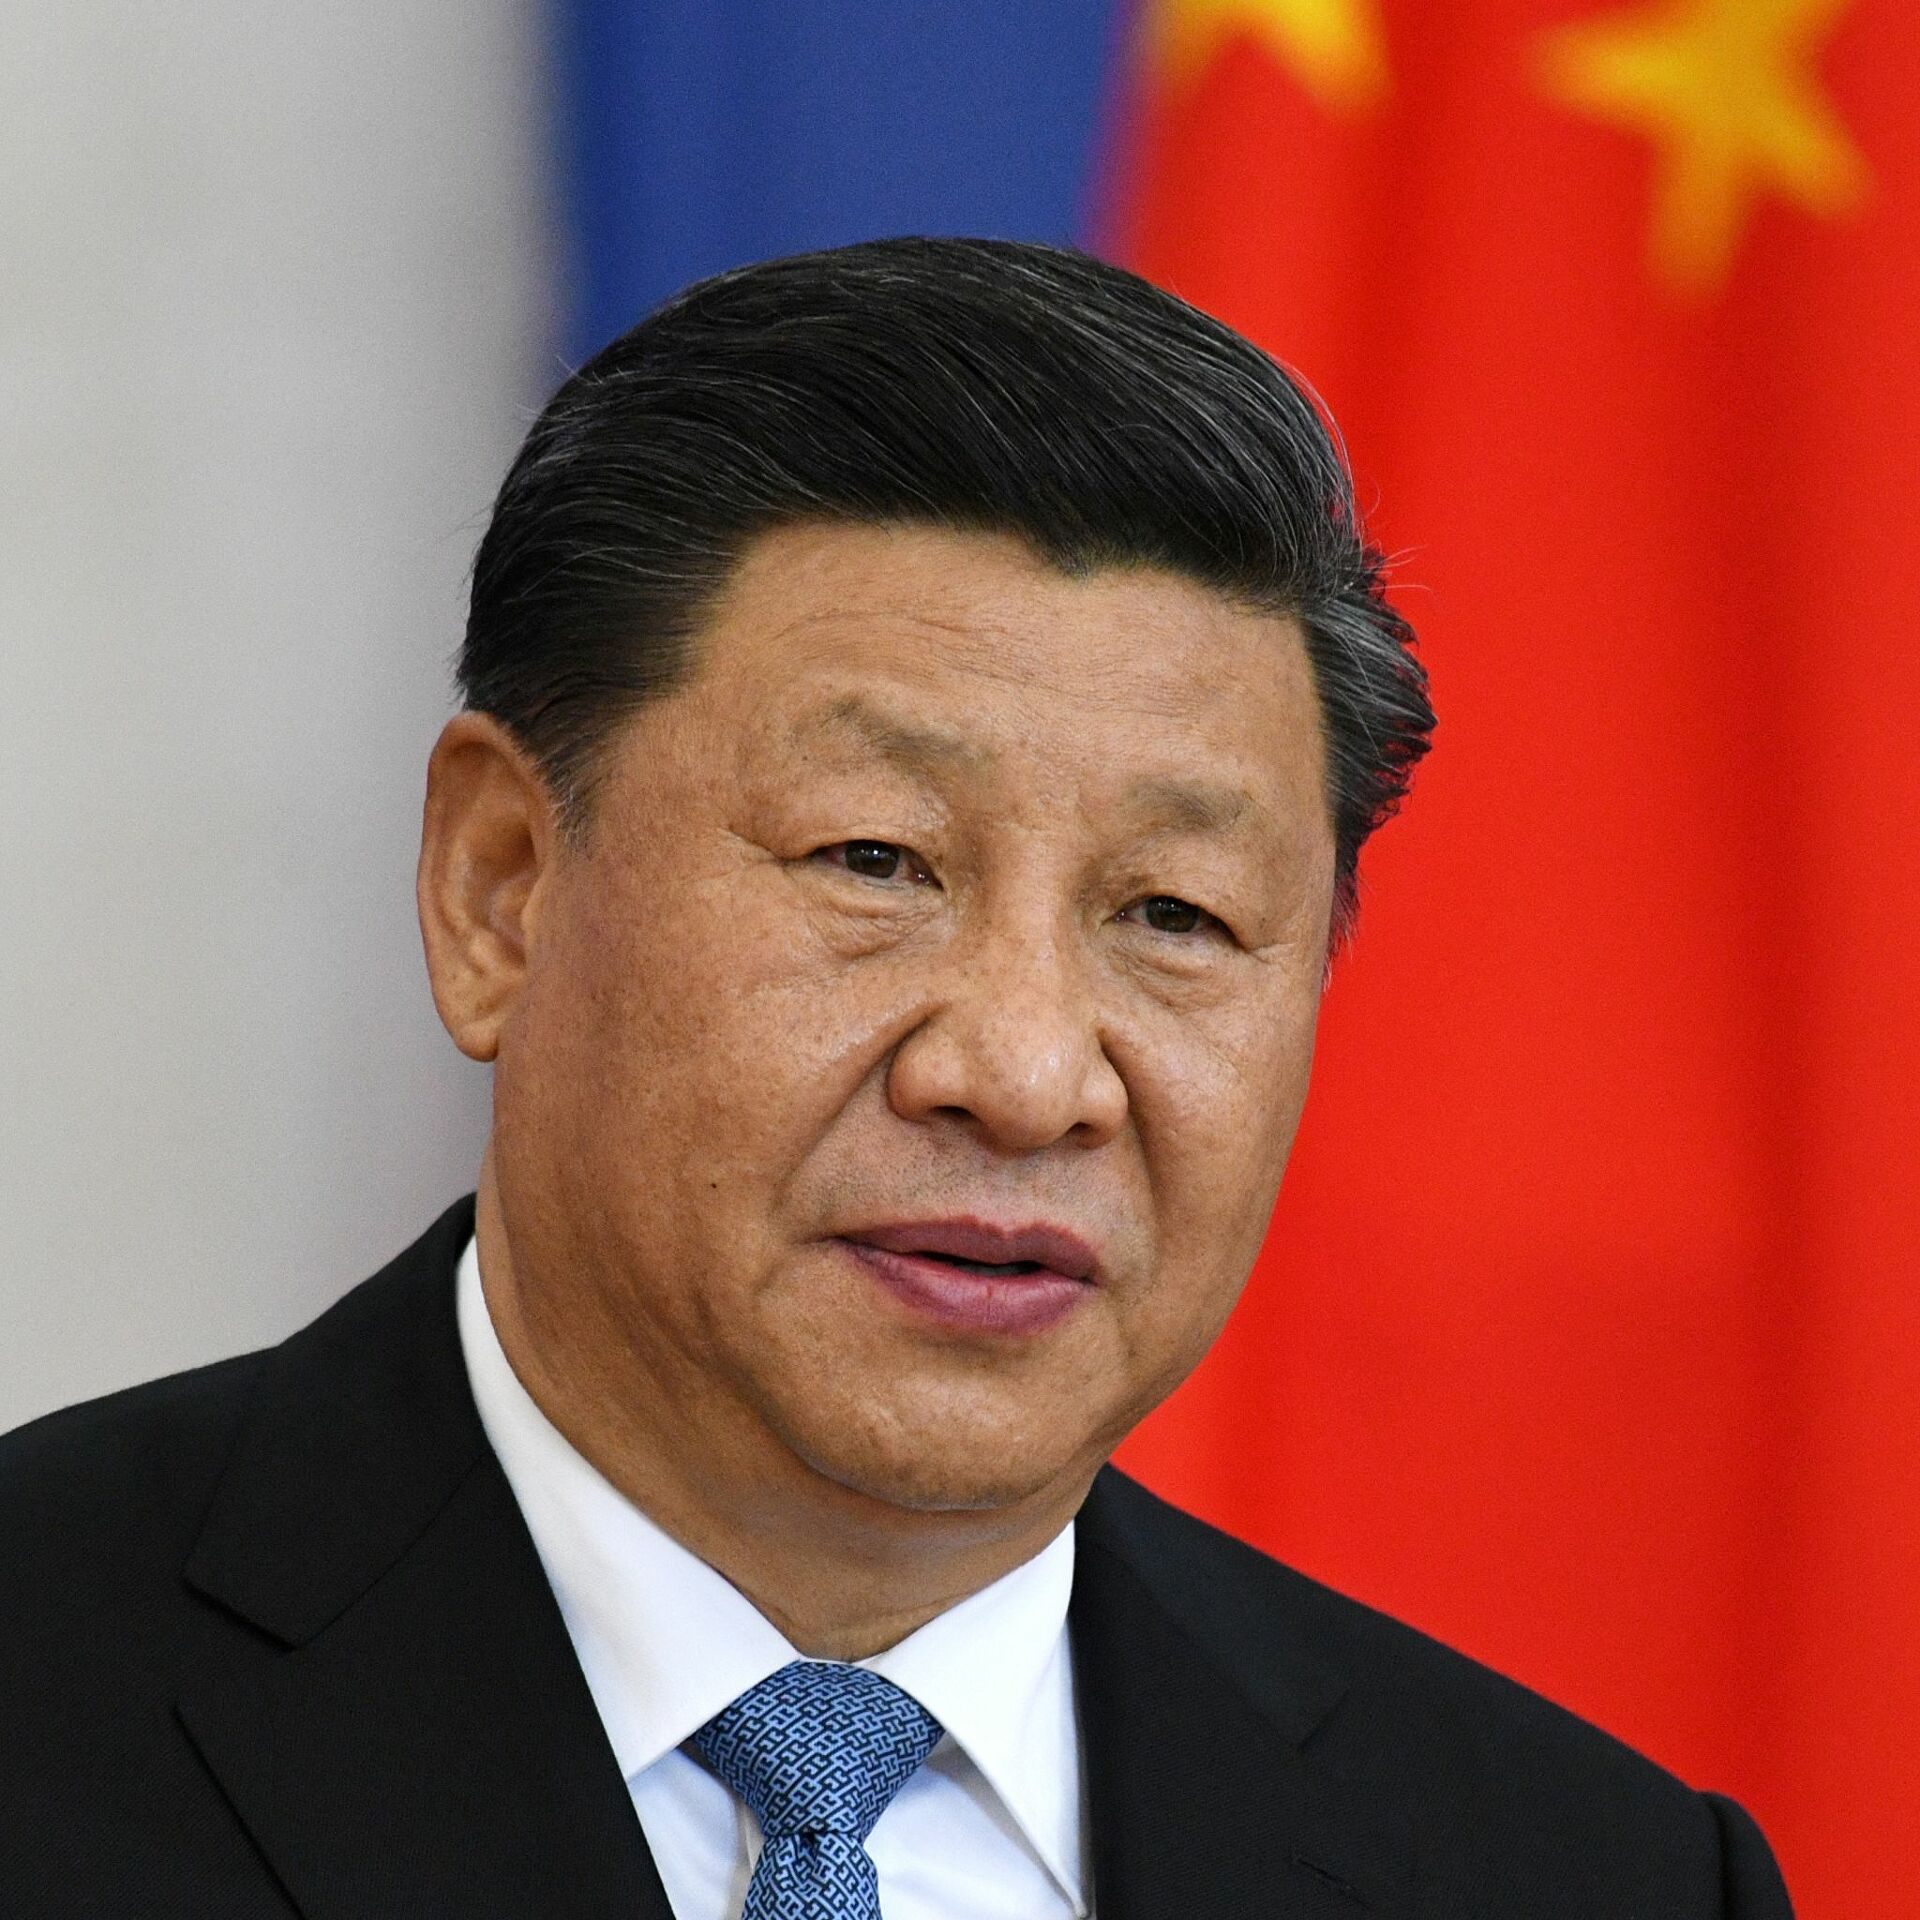 El poder de Xi Jinping se ha consolidado por la forma de manejar la pandemia